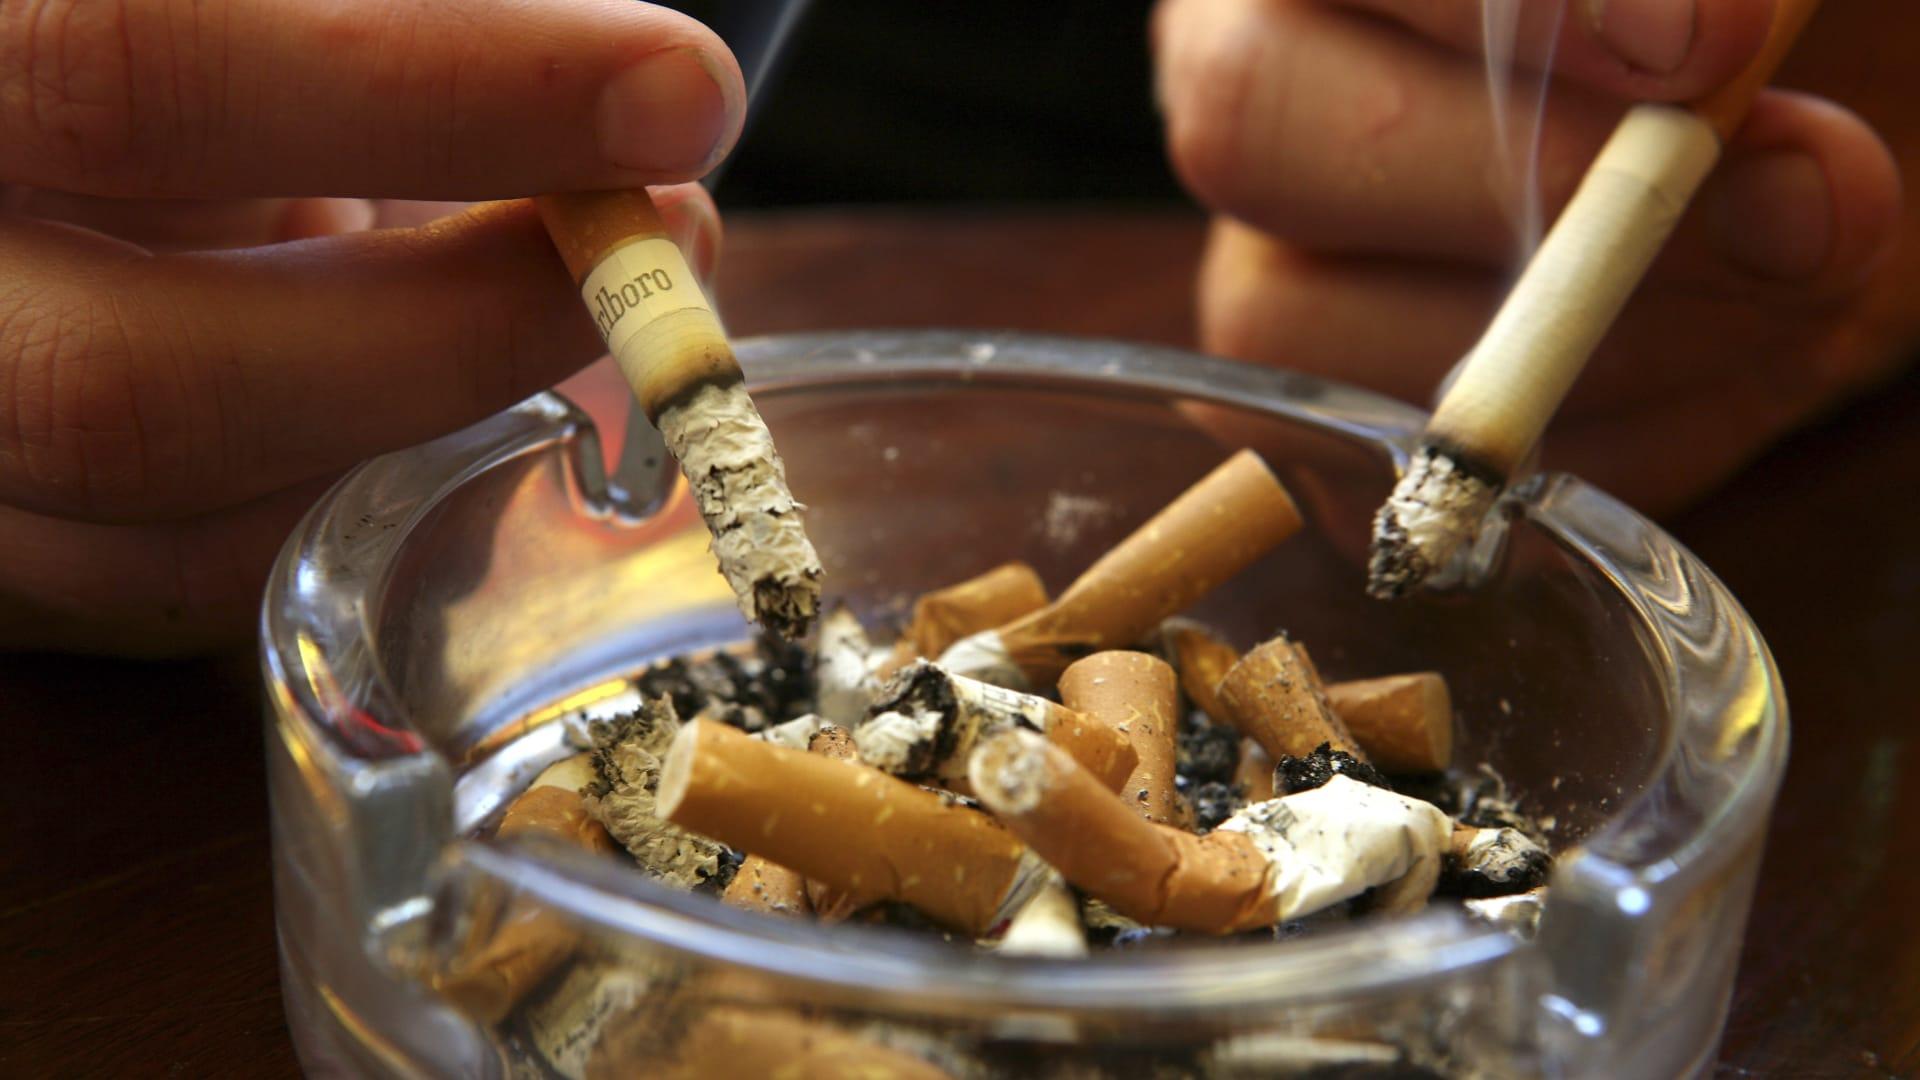 هل التدخين مرتبط بالتهاب الشعب الهوائية؟ الصحة المصرية تجيب